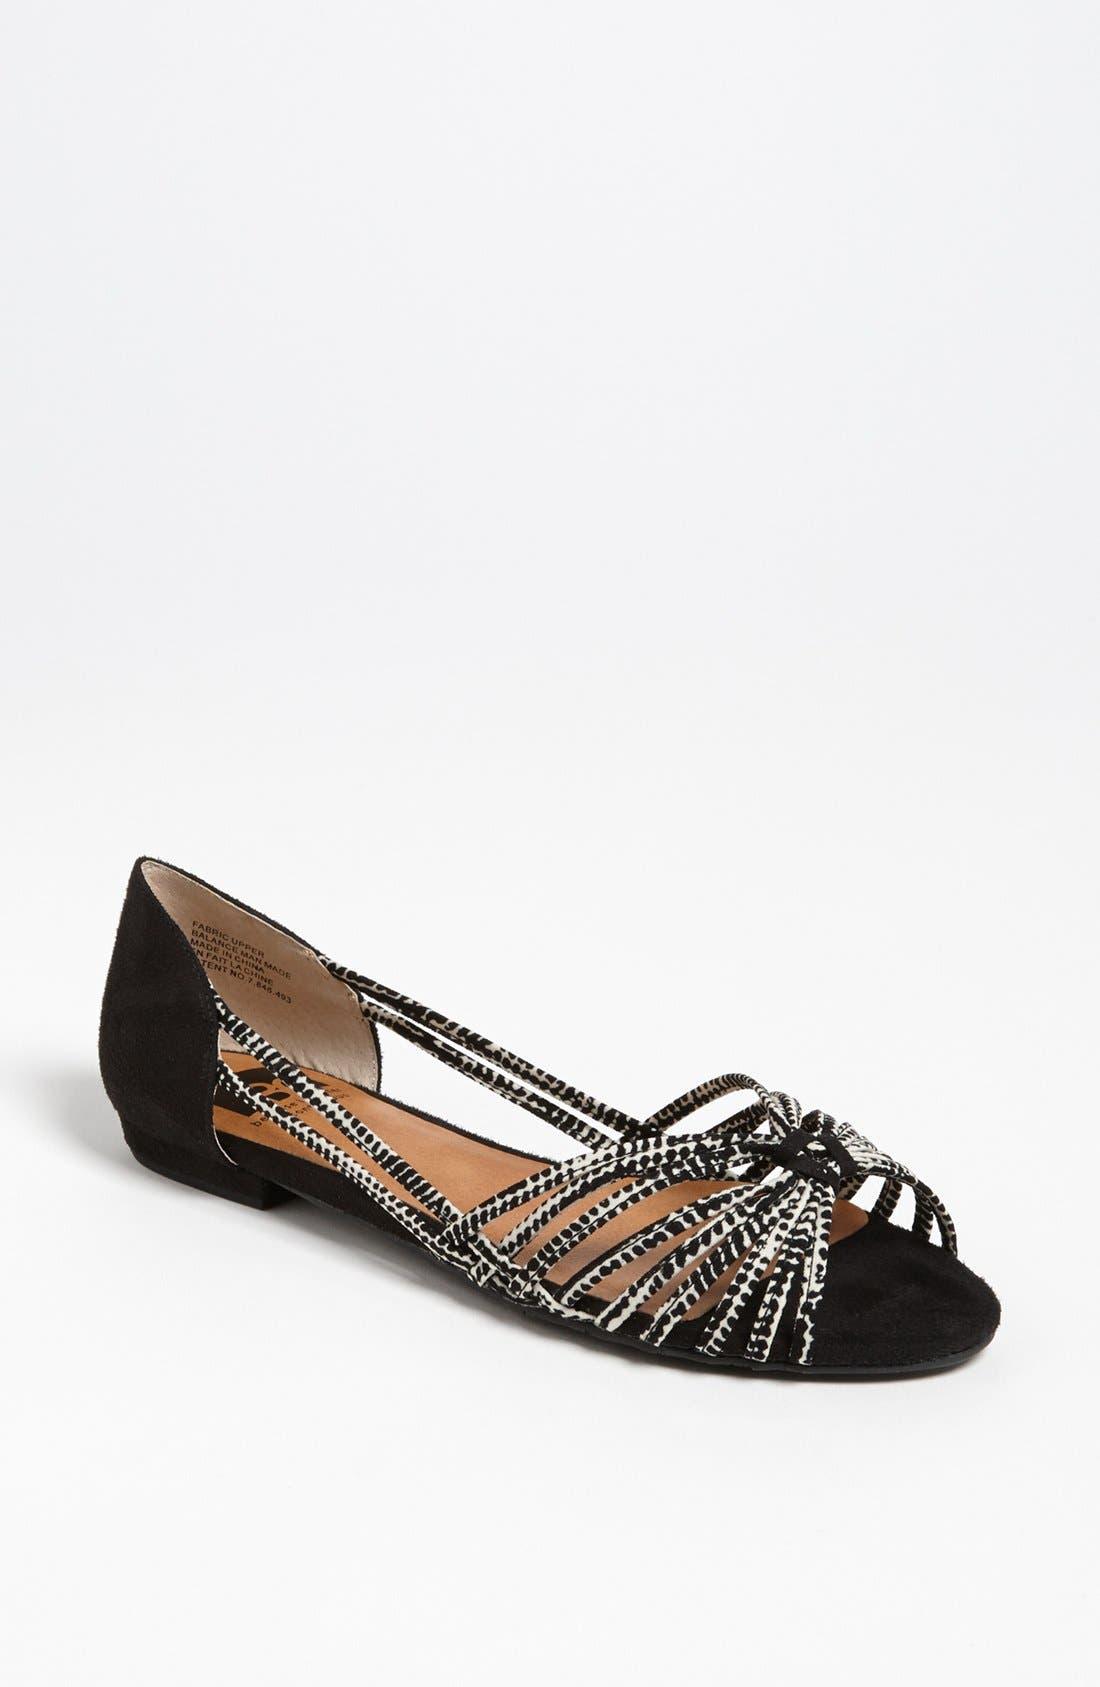 Main Image - BC Footwear 'Sharp as a Tack' Sandal